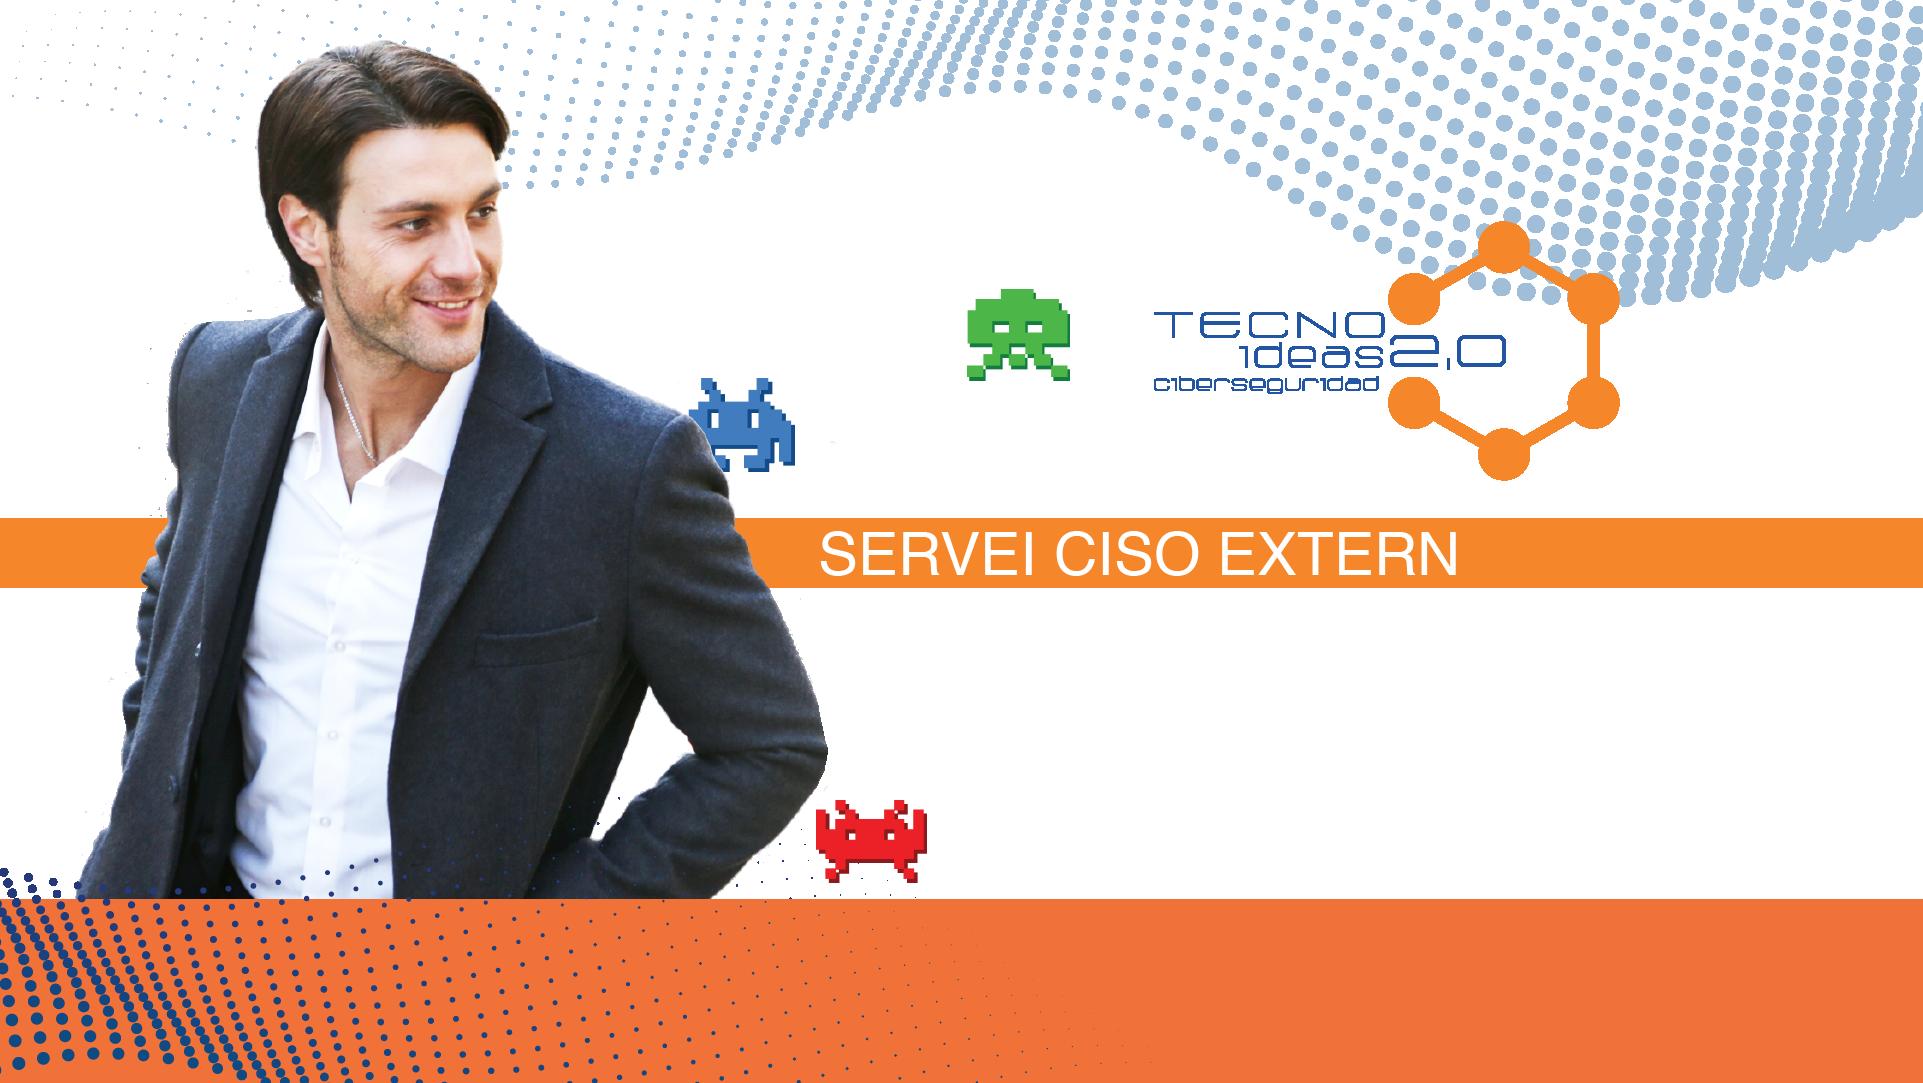 Servicio CISO externo - slide - cast